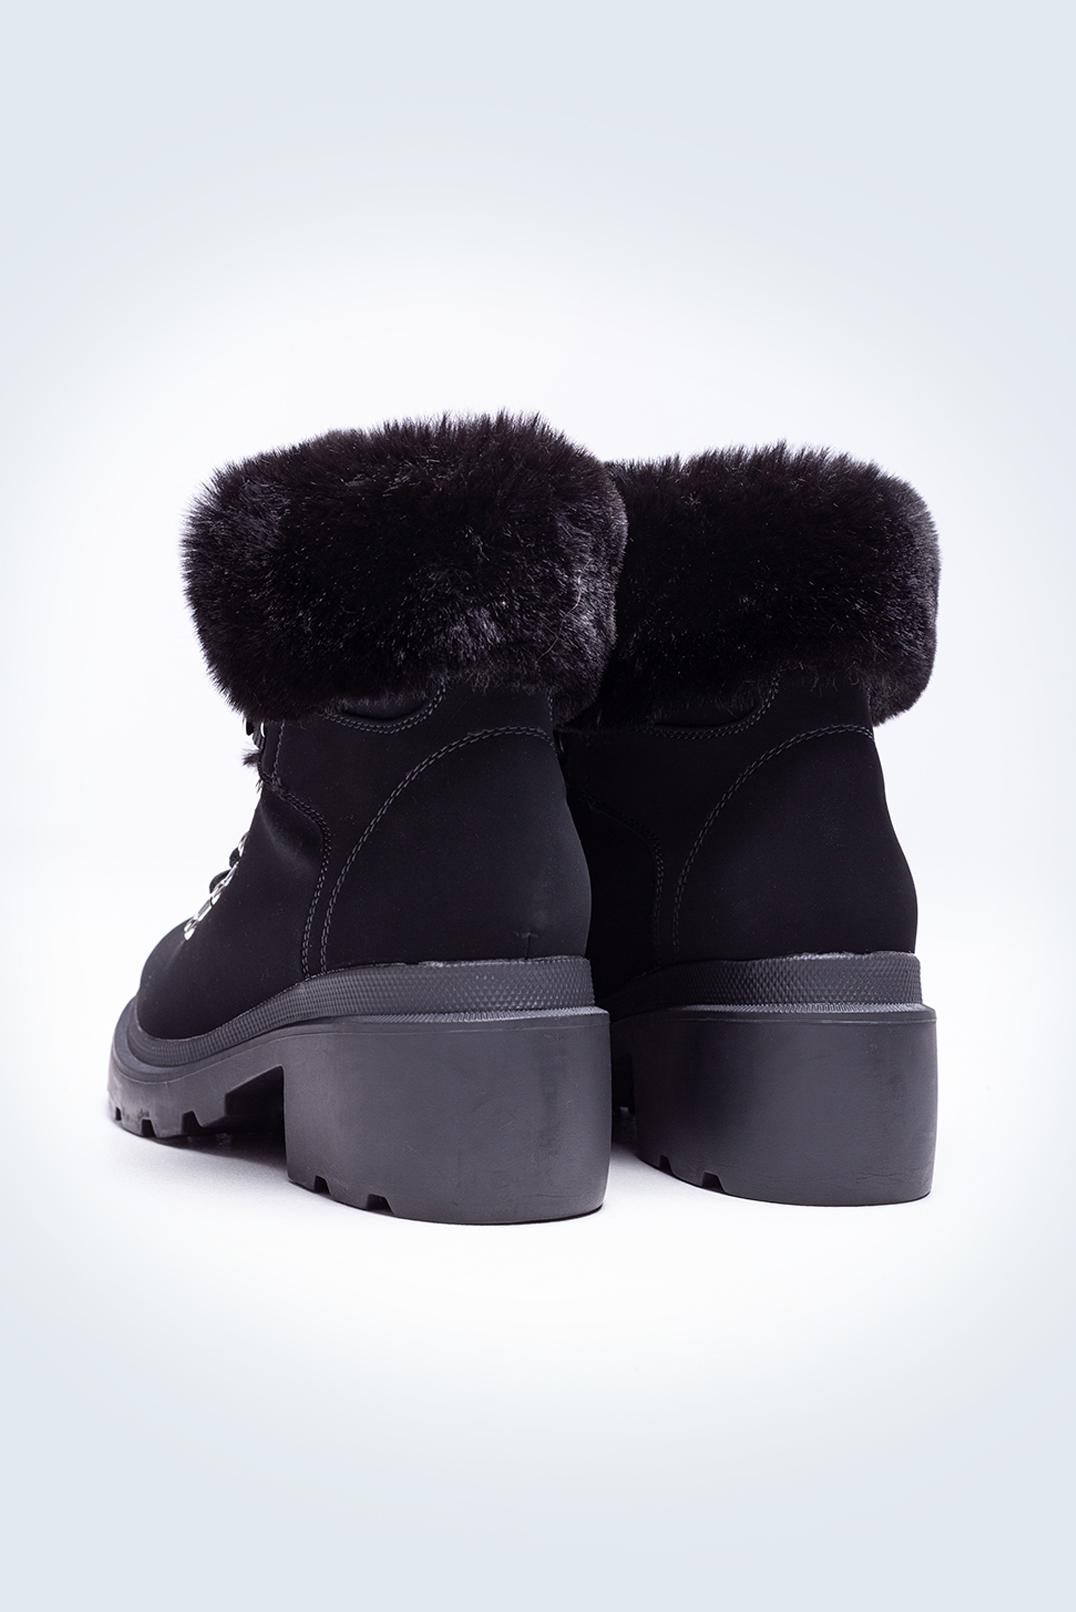 Ботинки KENDALL&KYLIE KKsh29009